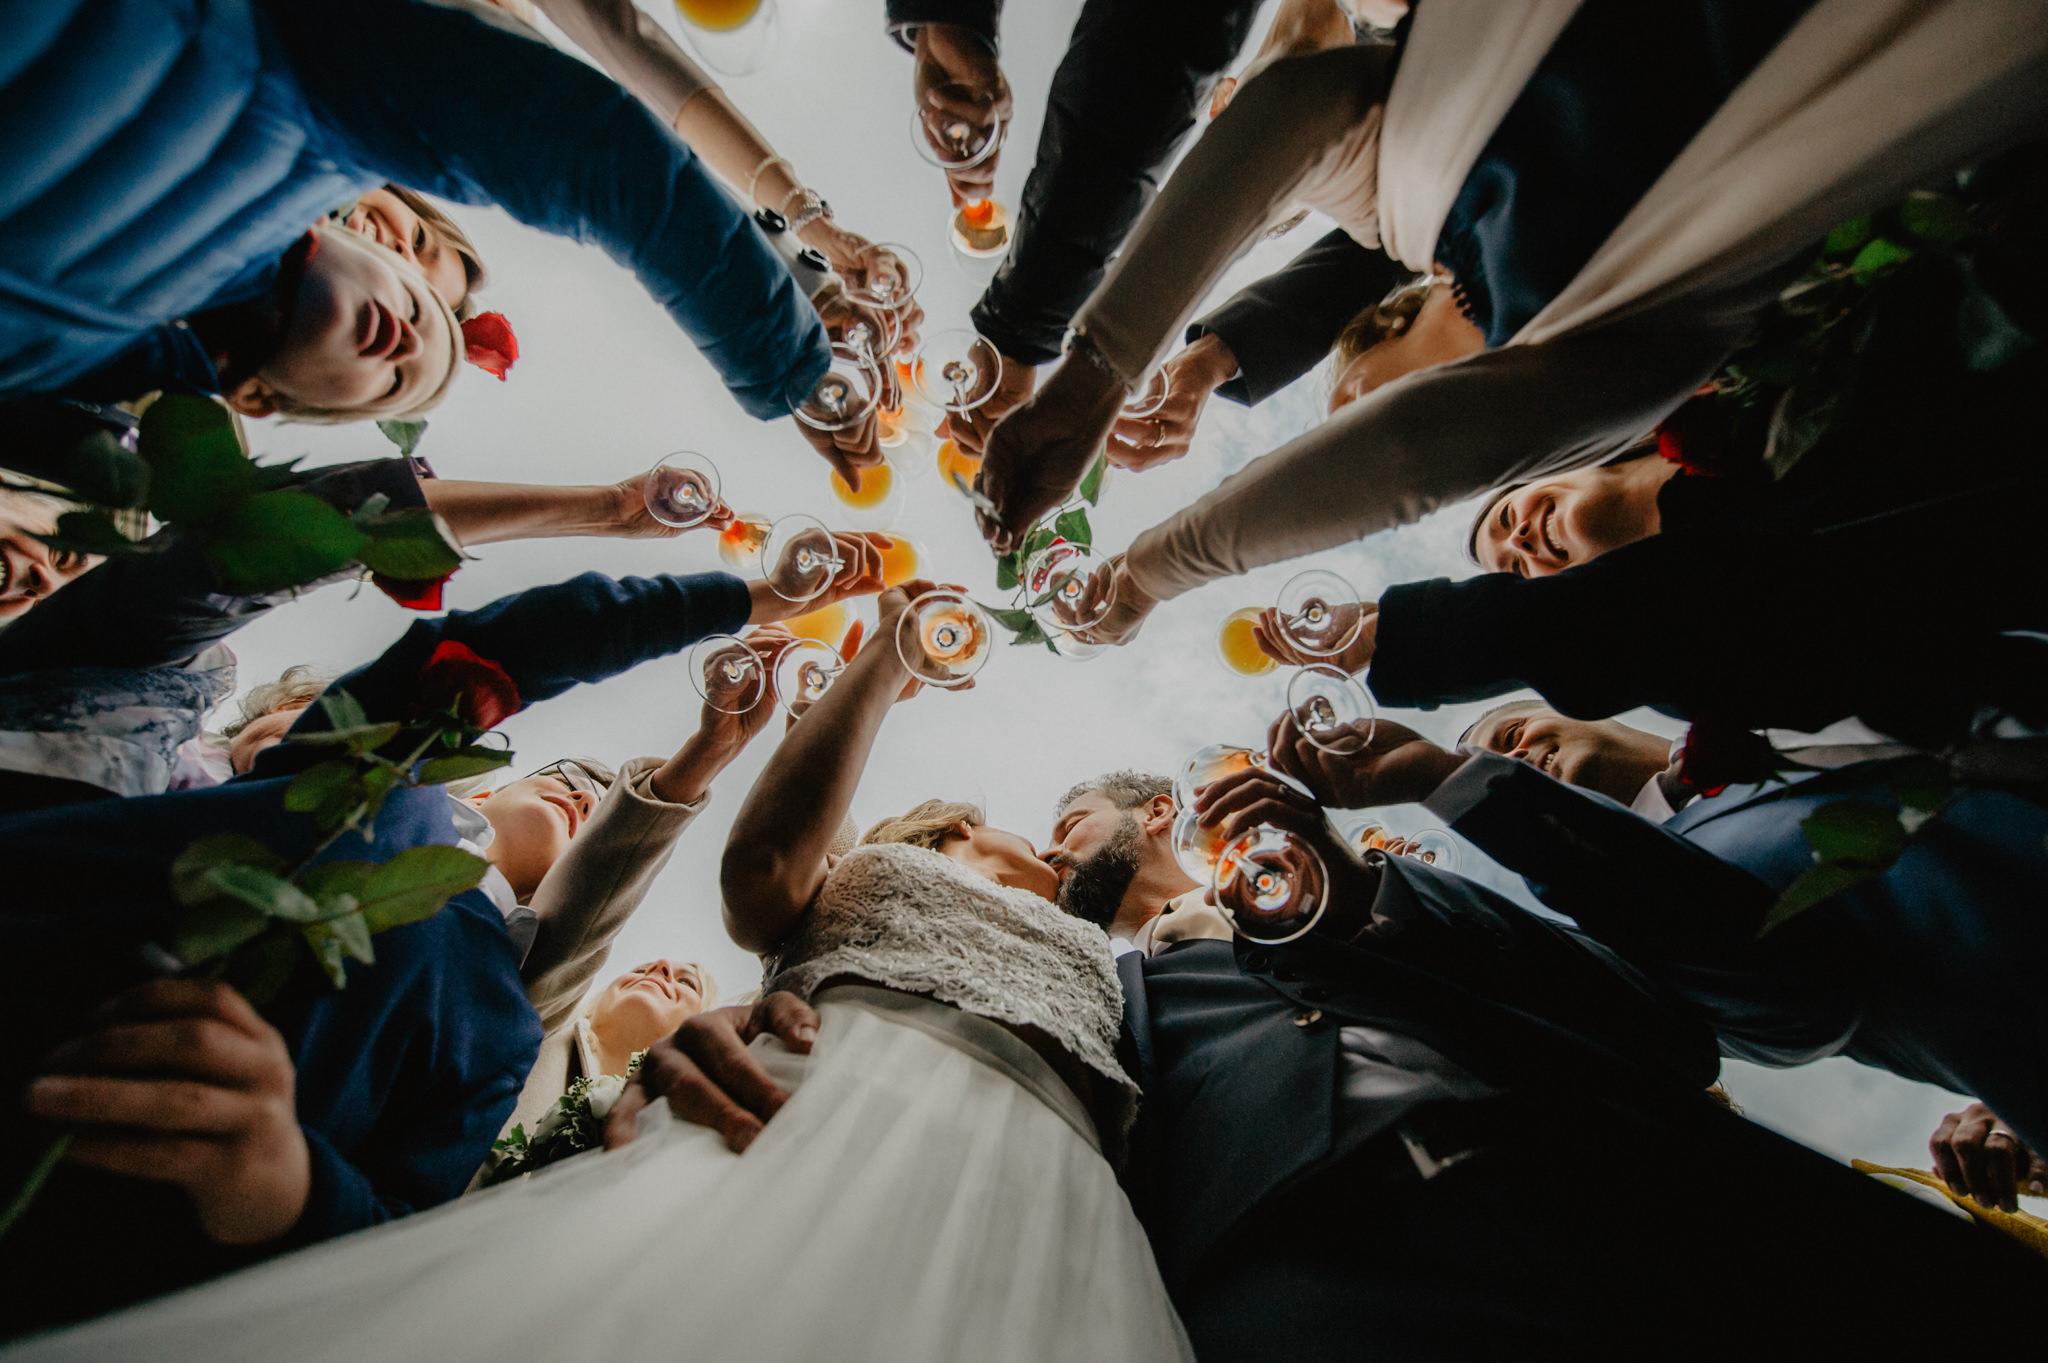 Hochzeitsfotograf Rudolf Langemann - www.facebook.com/HochzeitsfotografRudolfLangemann